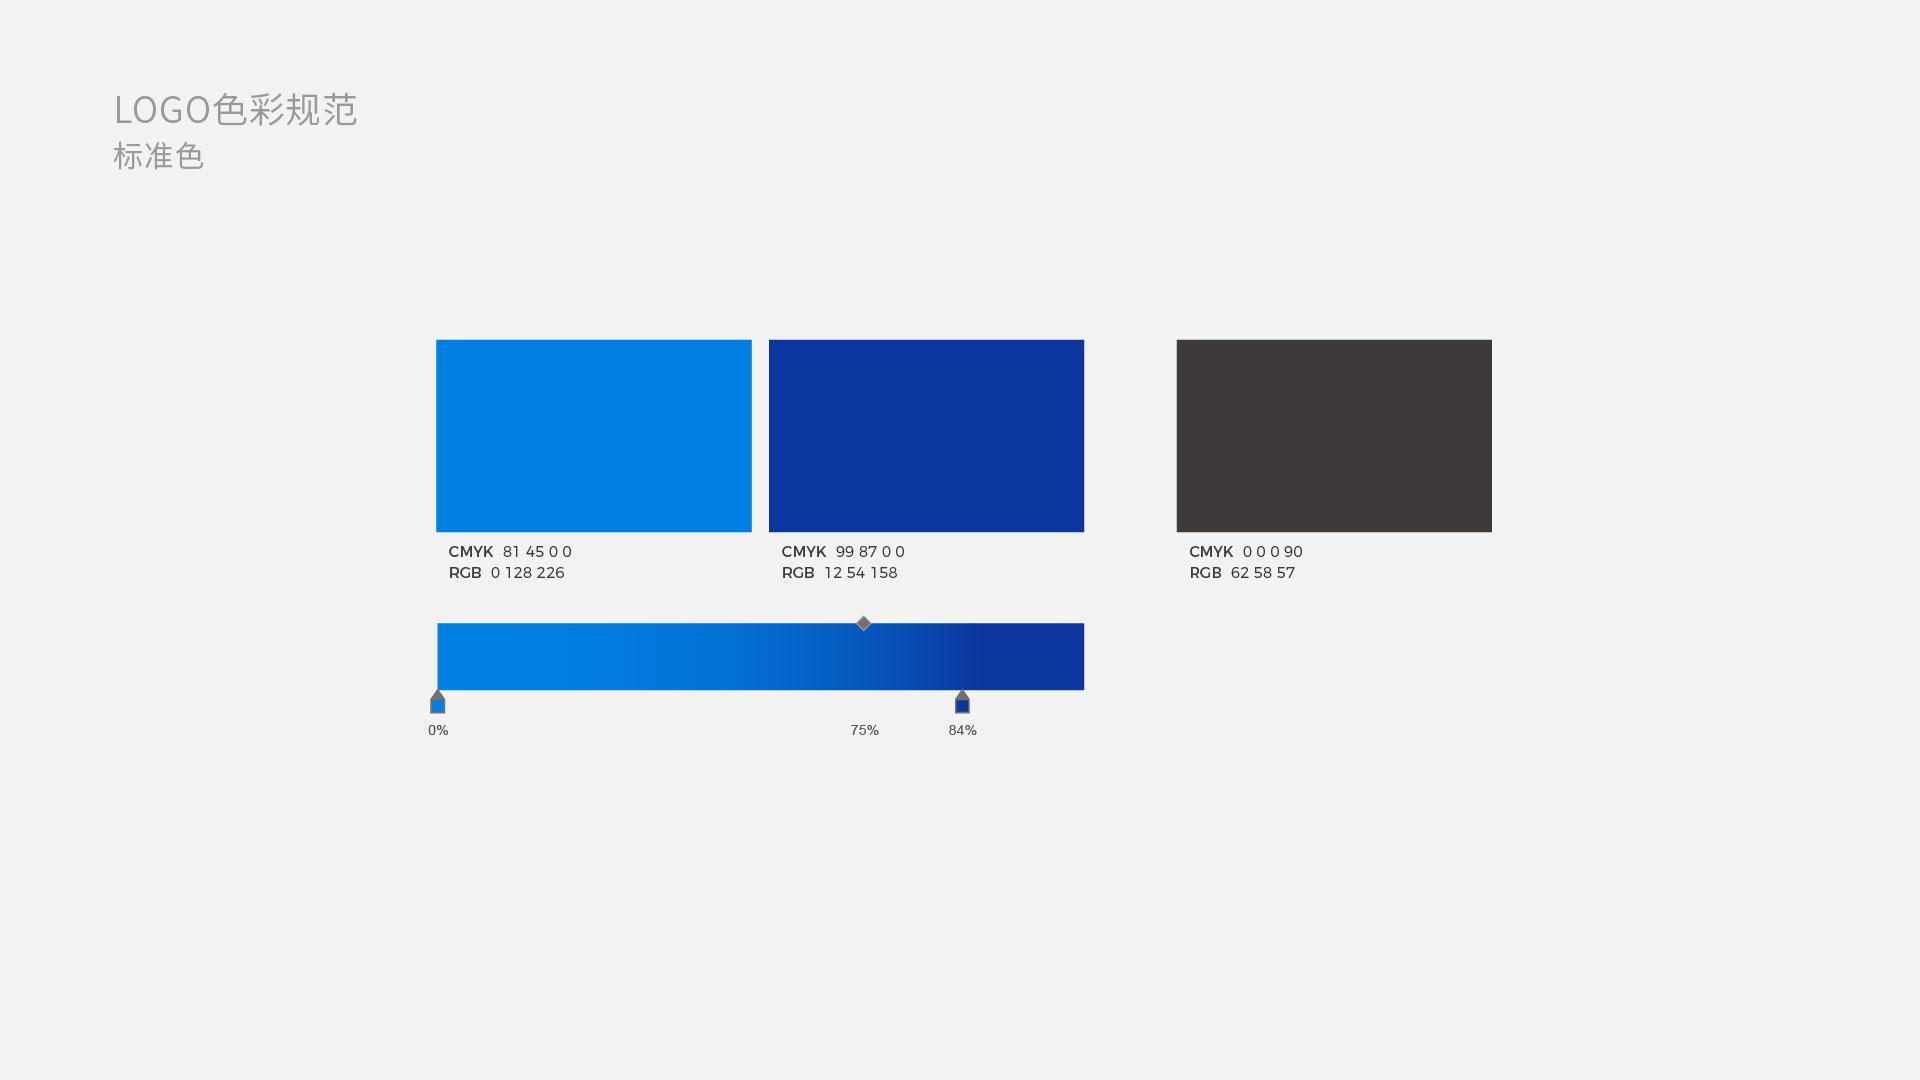 奇点控股logo设计标准色色彩规范